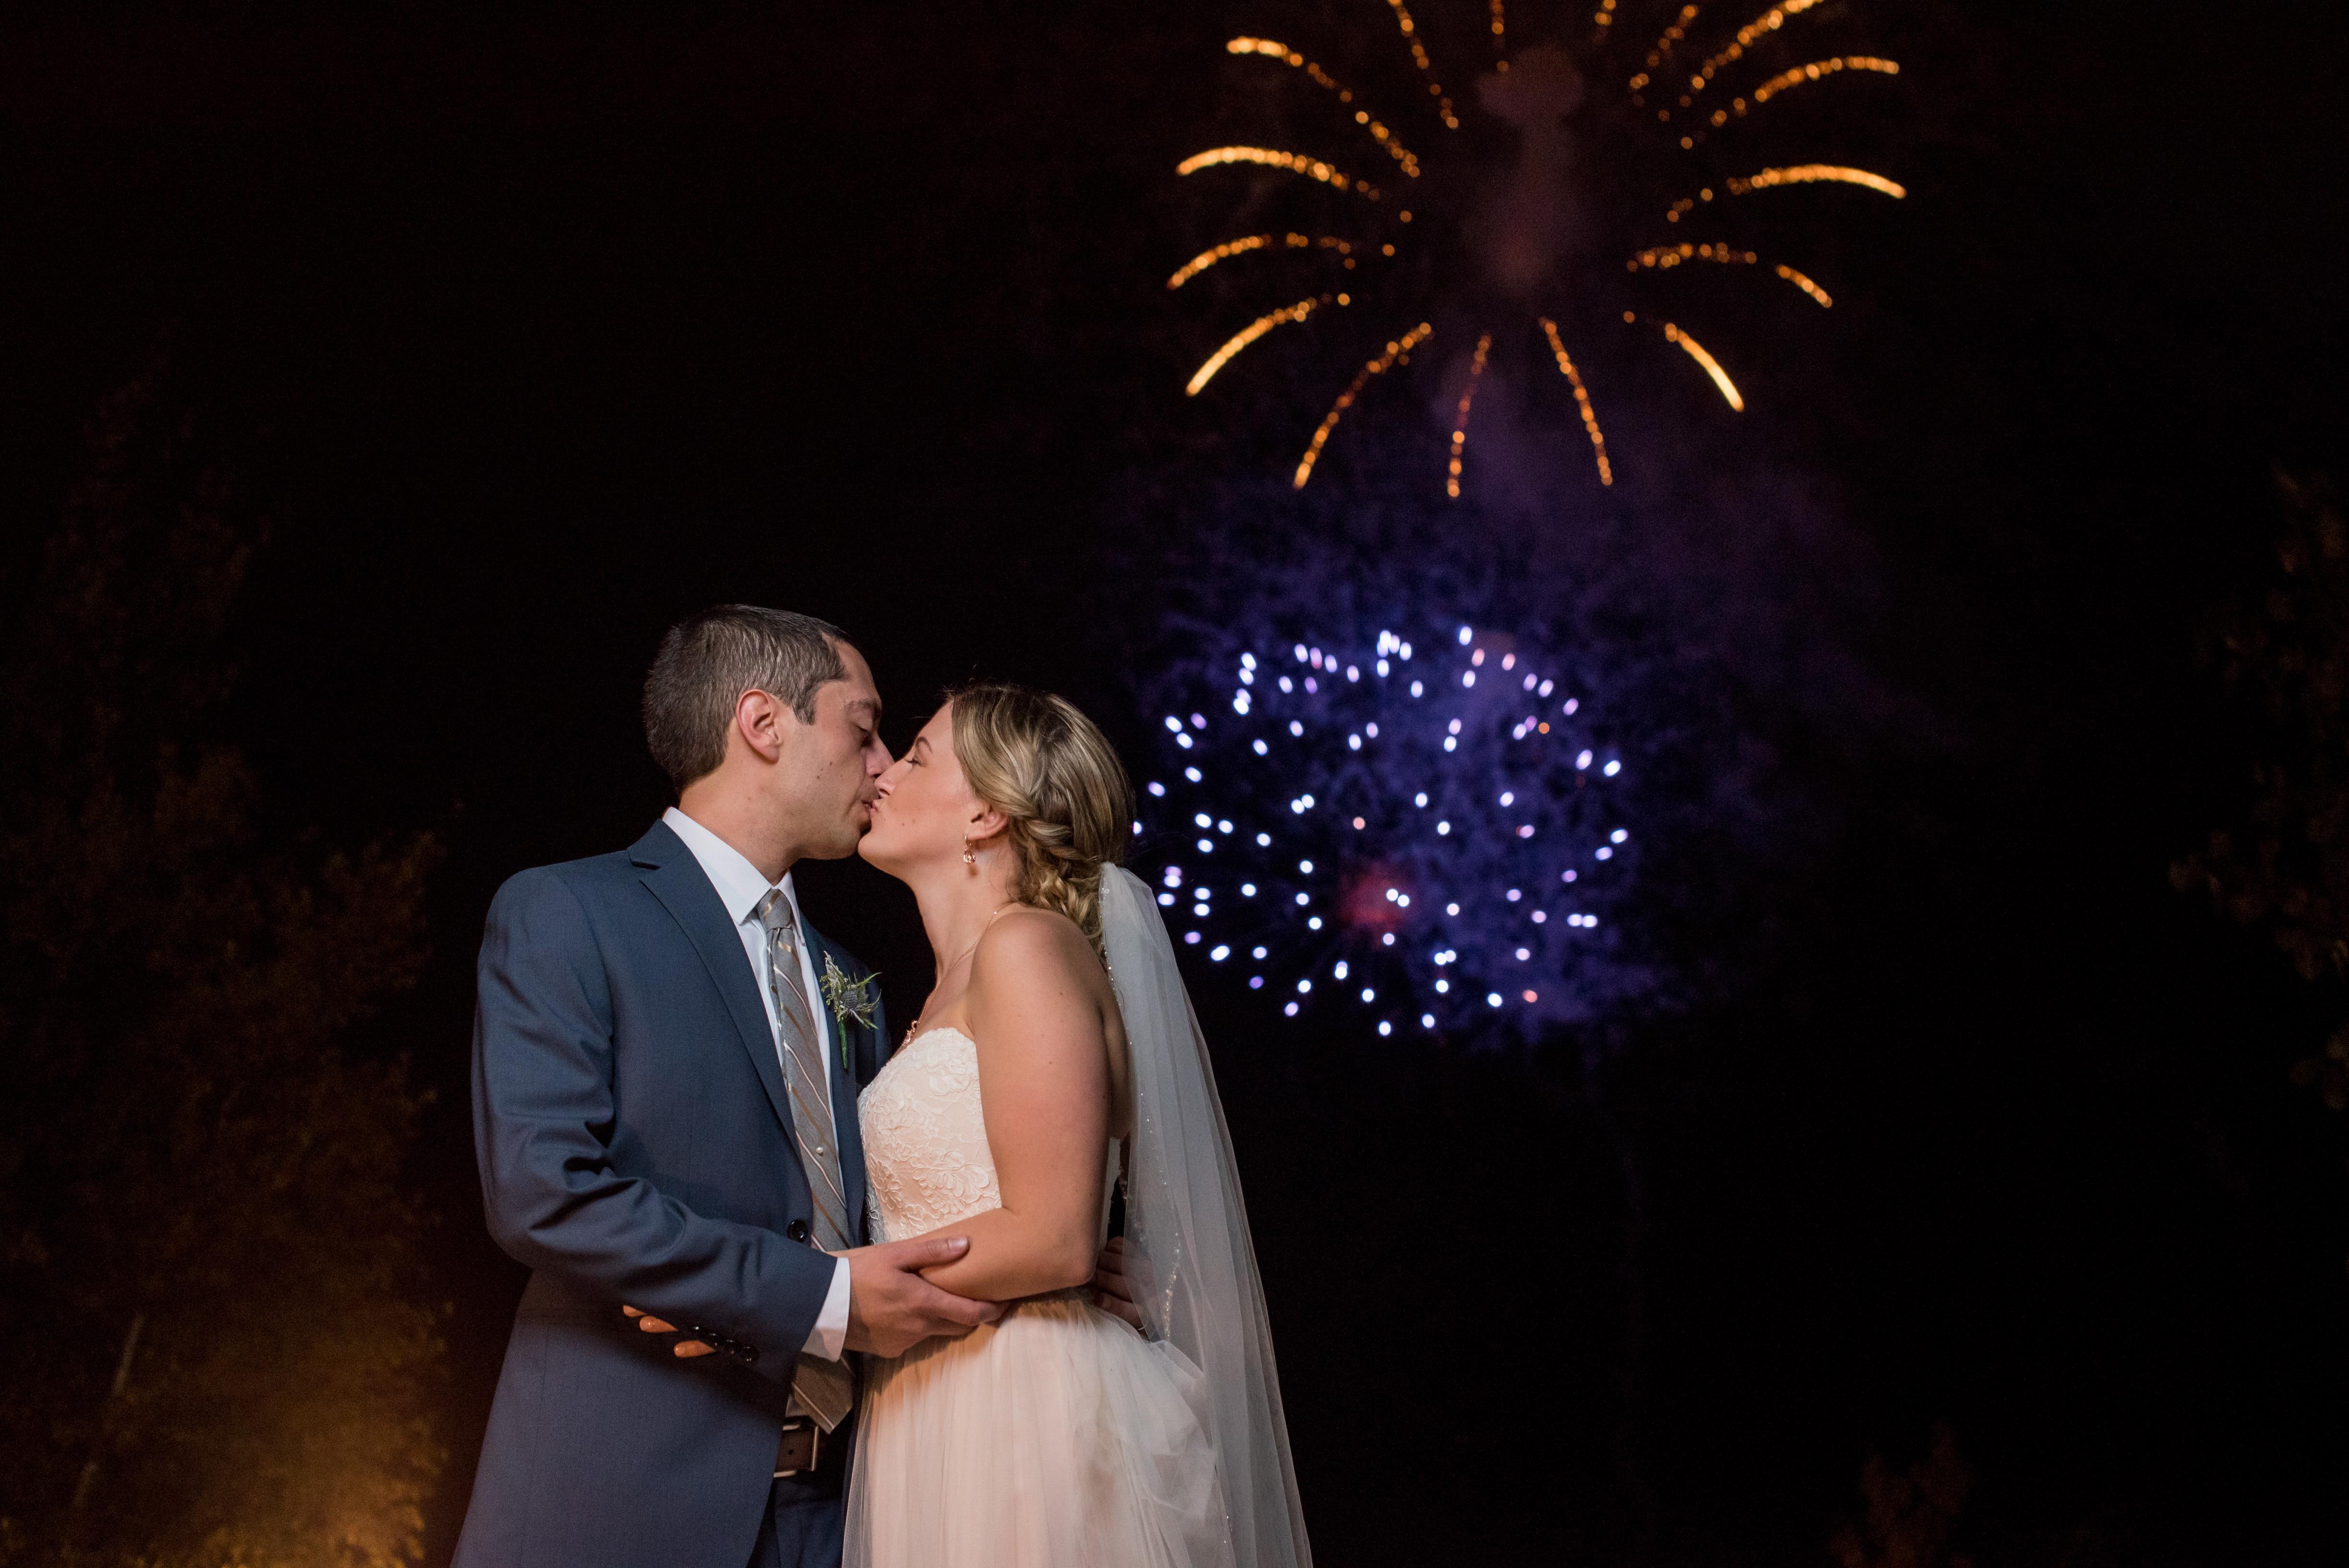 Milwaukee Wedding Photography-Jadon Good Photography_045